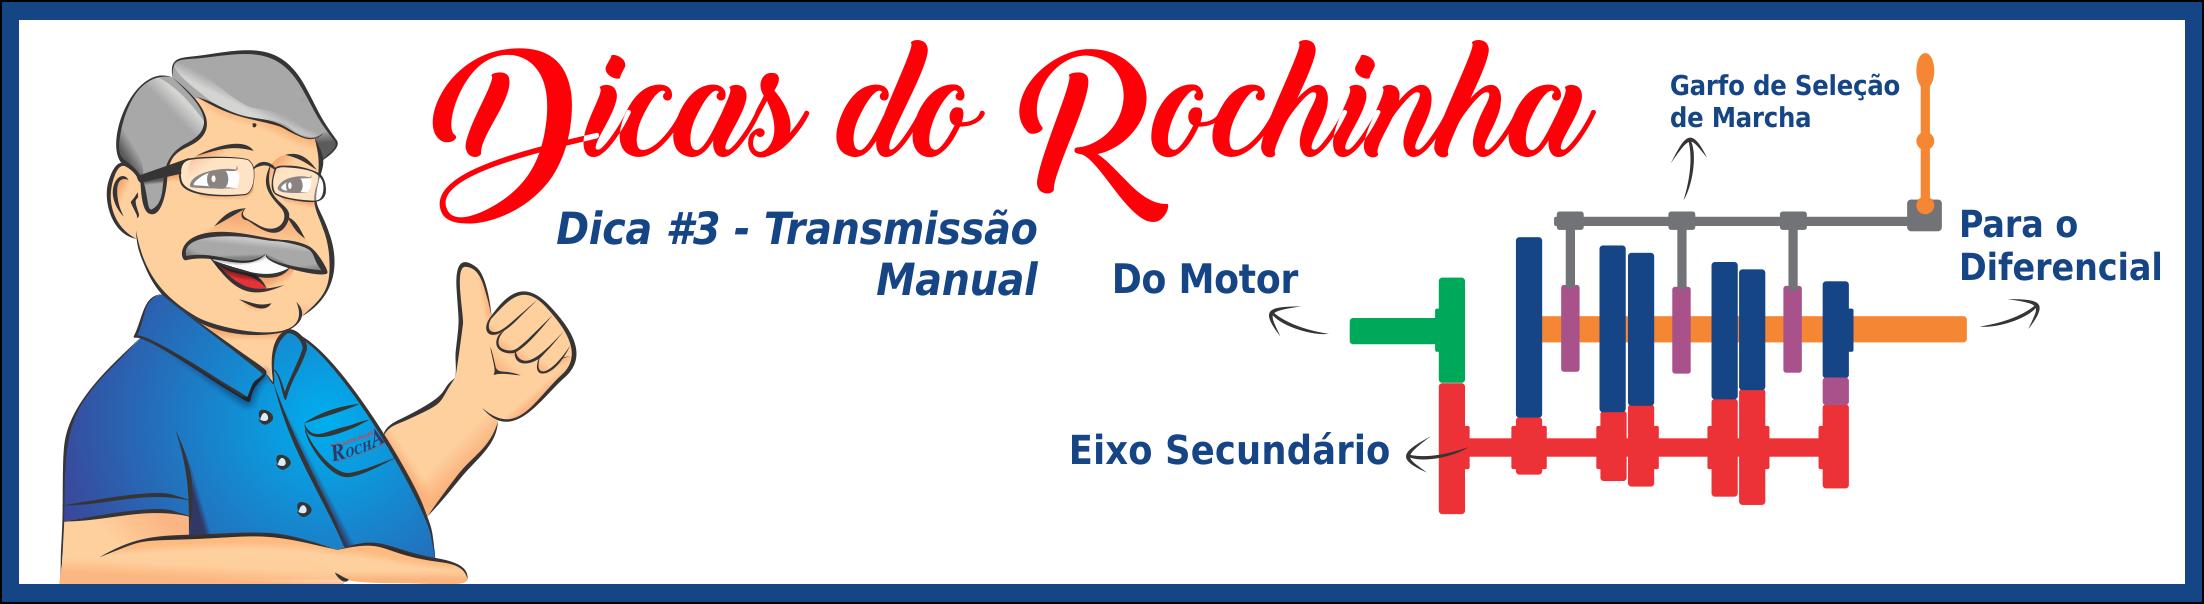 DICAS DO ROCHINHA DICA#3